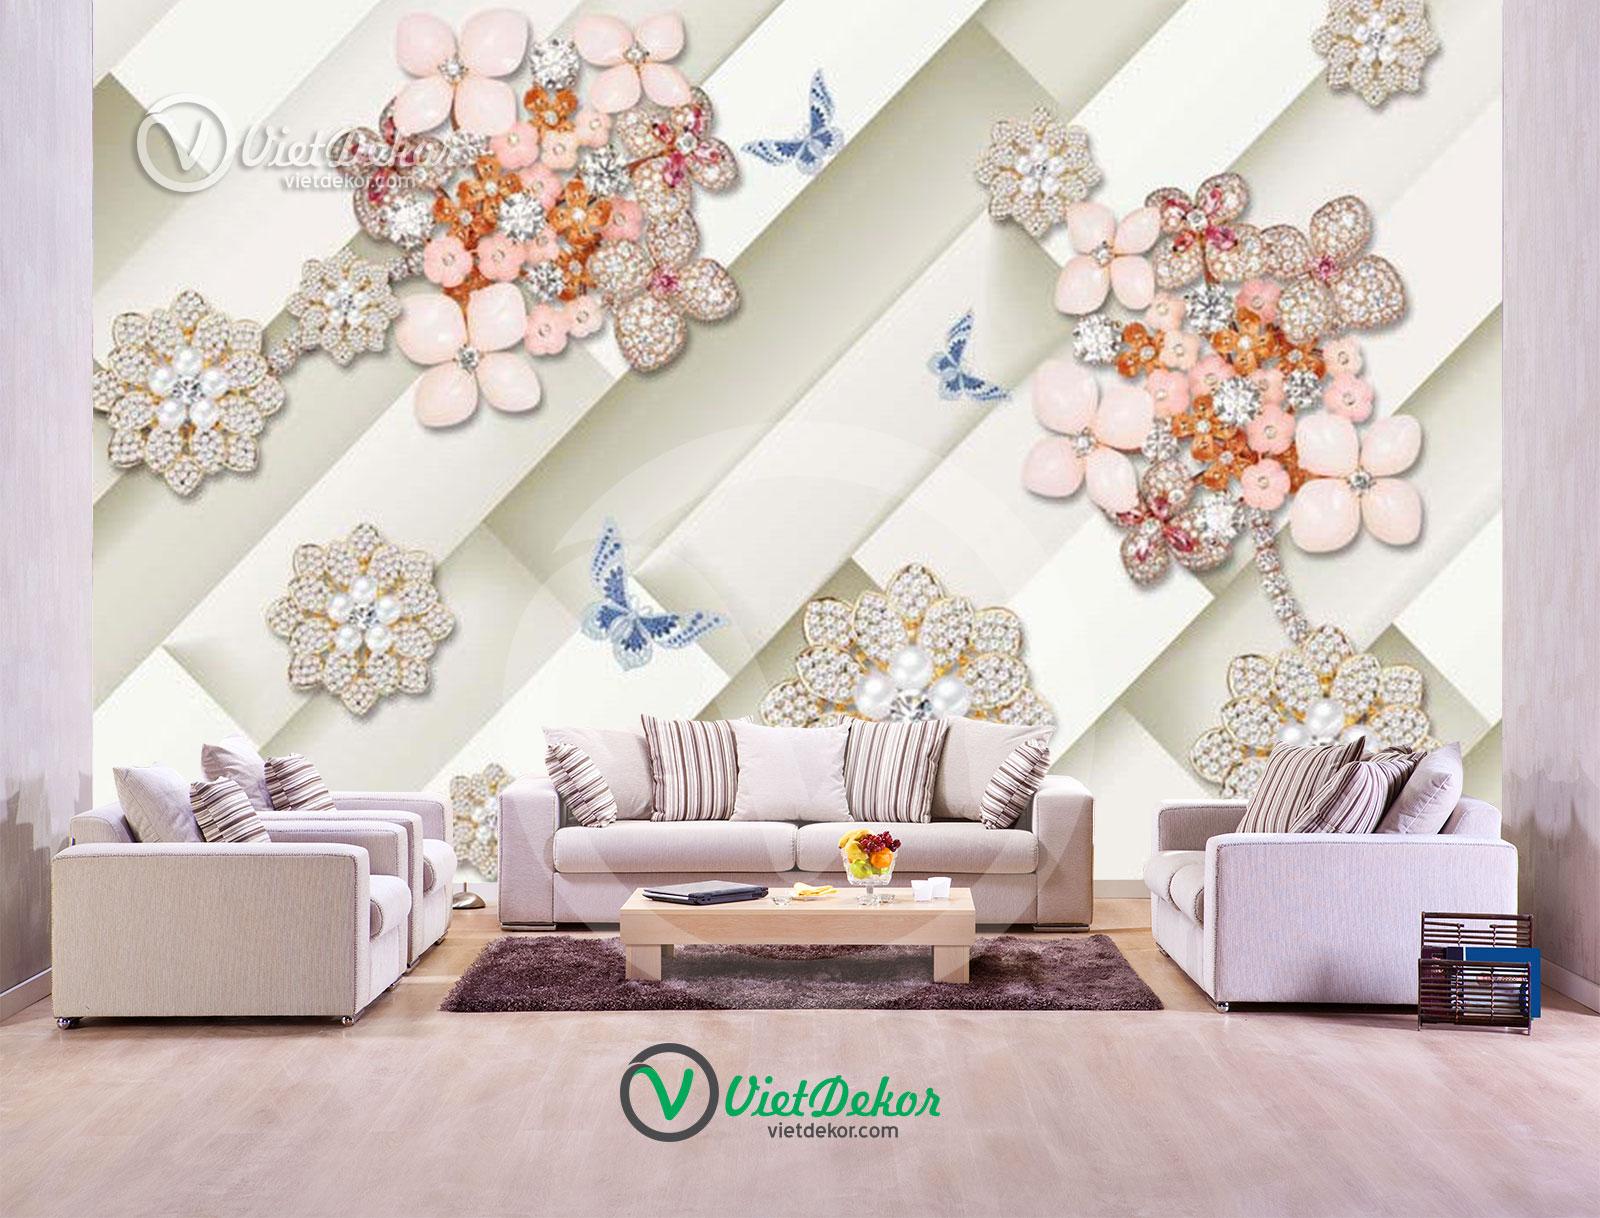 Tranh dán tường 3d hoa ngọc trai trang sức